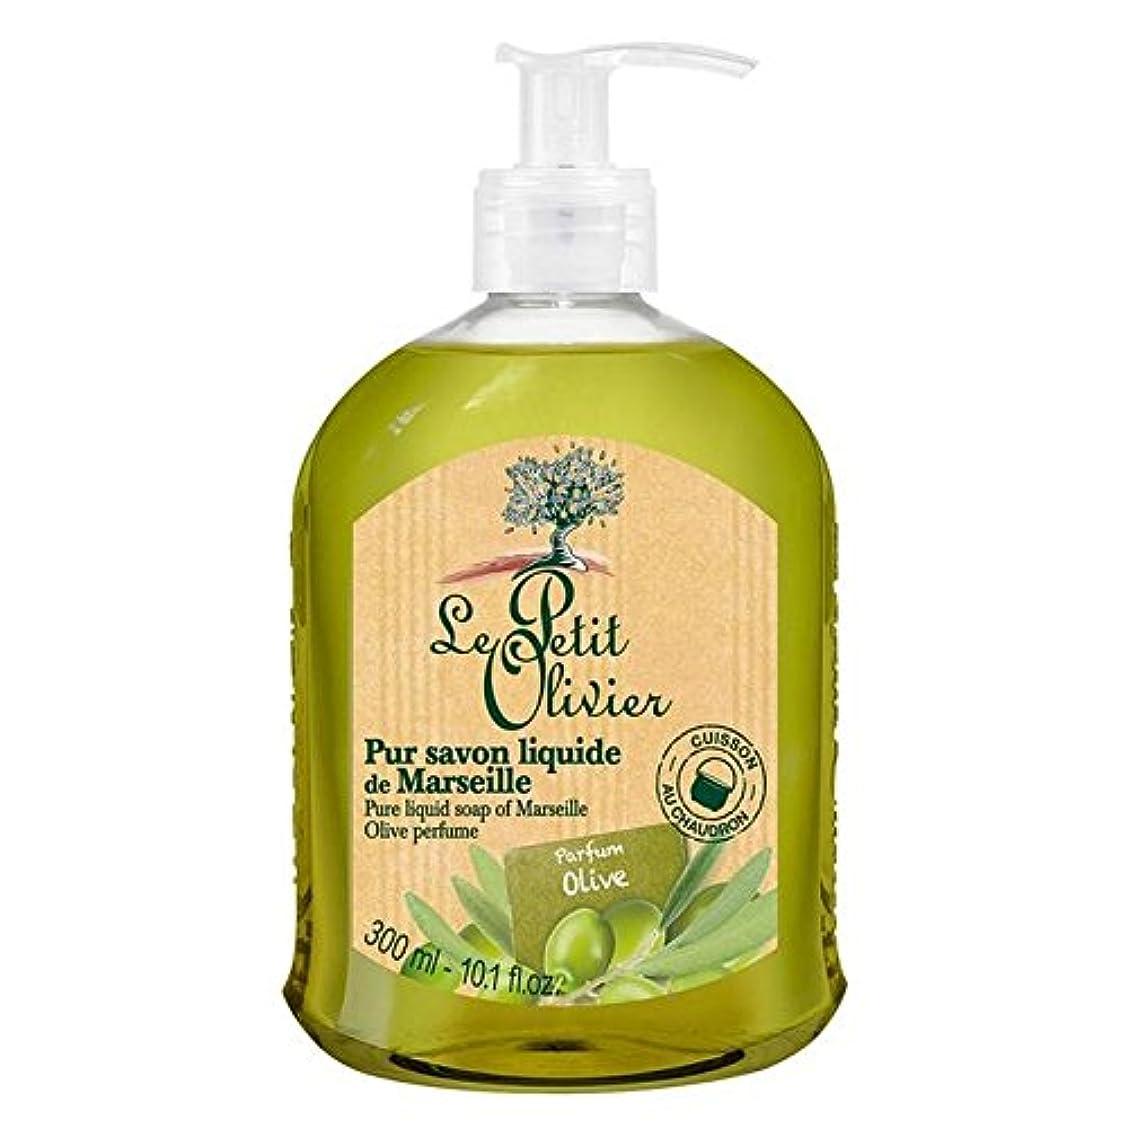 オデュッセウスしおれた喜劇Le Petit Olivier Pure Liquid Soap of Marseille, Olive Oil 300ml - マルセイユのル?プティ?オリヴィエ純粋な液体石鹸、オリーブオイル300ミリリットル [並行輸入品]